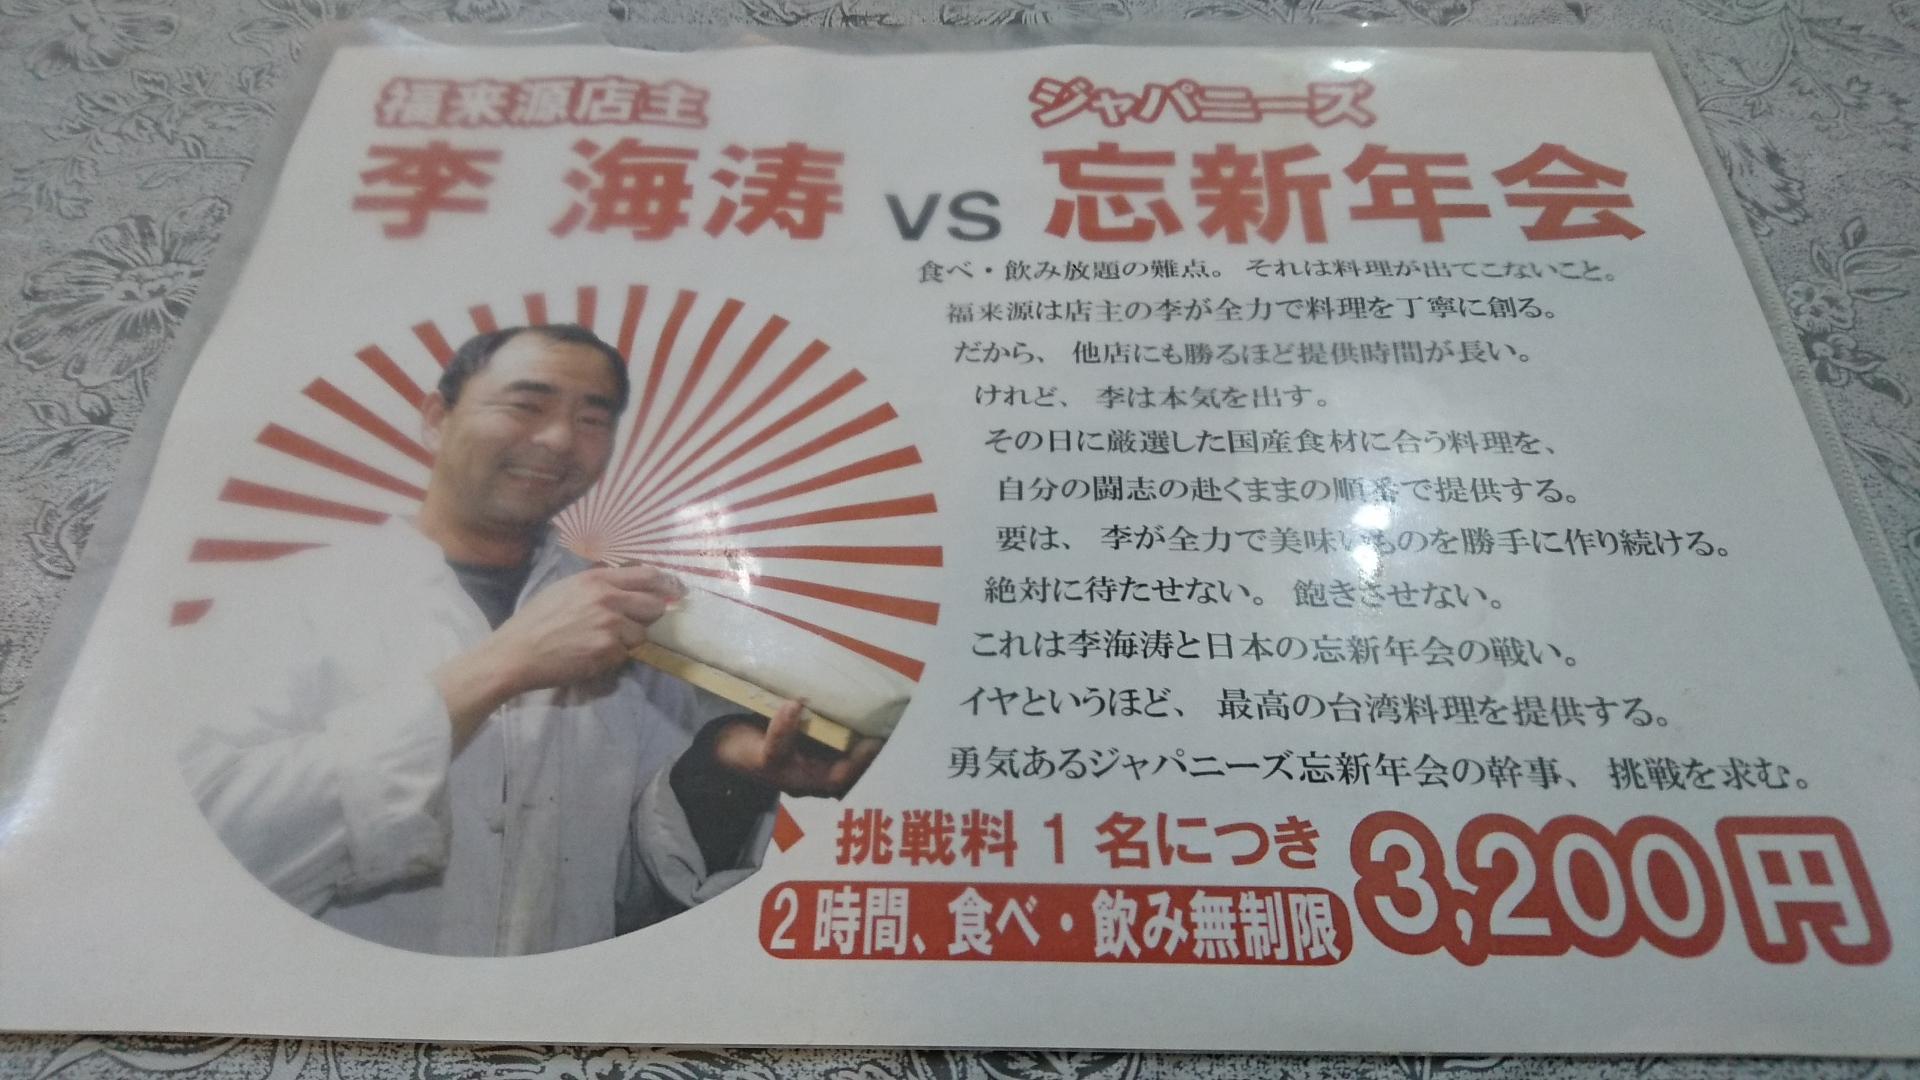 2016.11.30 福来源 (0) 店主李海涛忘新年会に挑戦